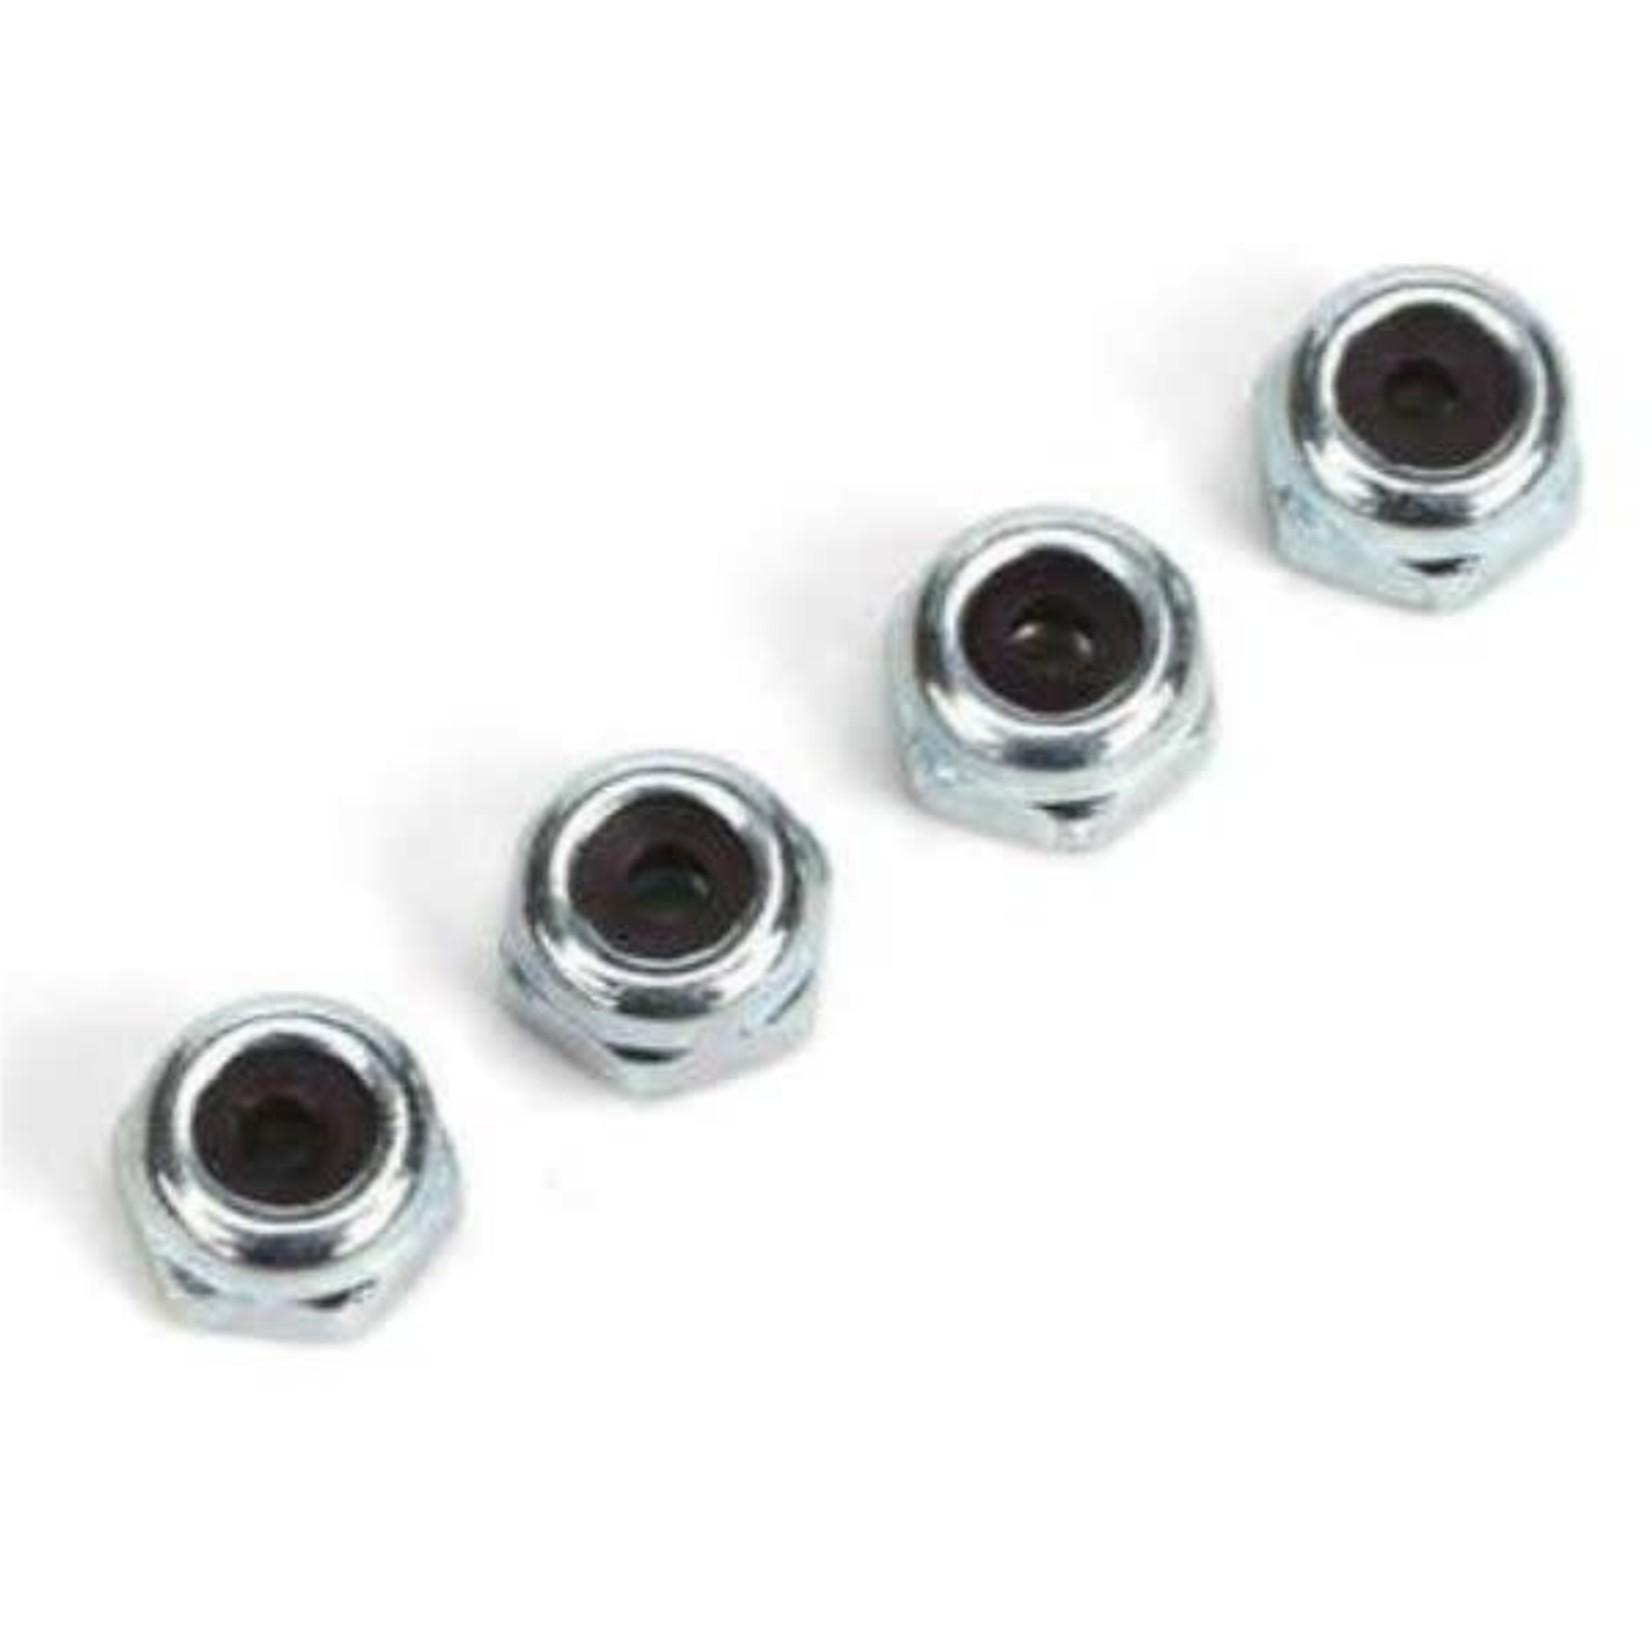 Dubro DUB168 Dubro Nylon Insert Lock Nuts 2-56